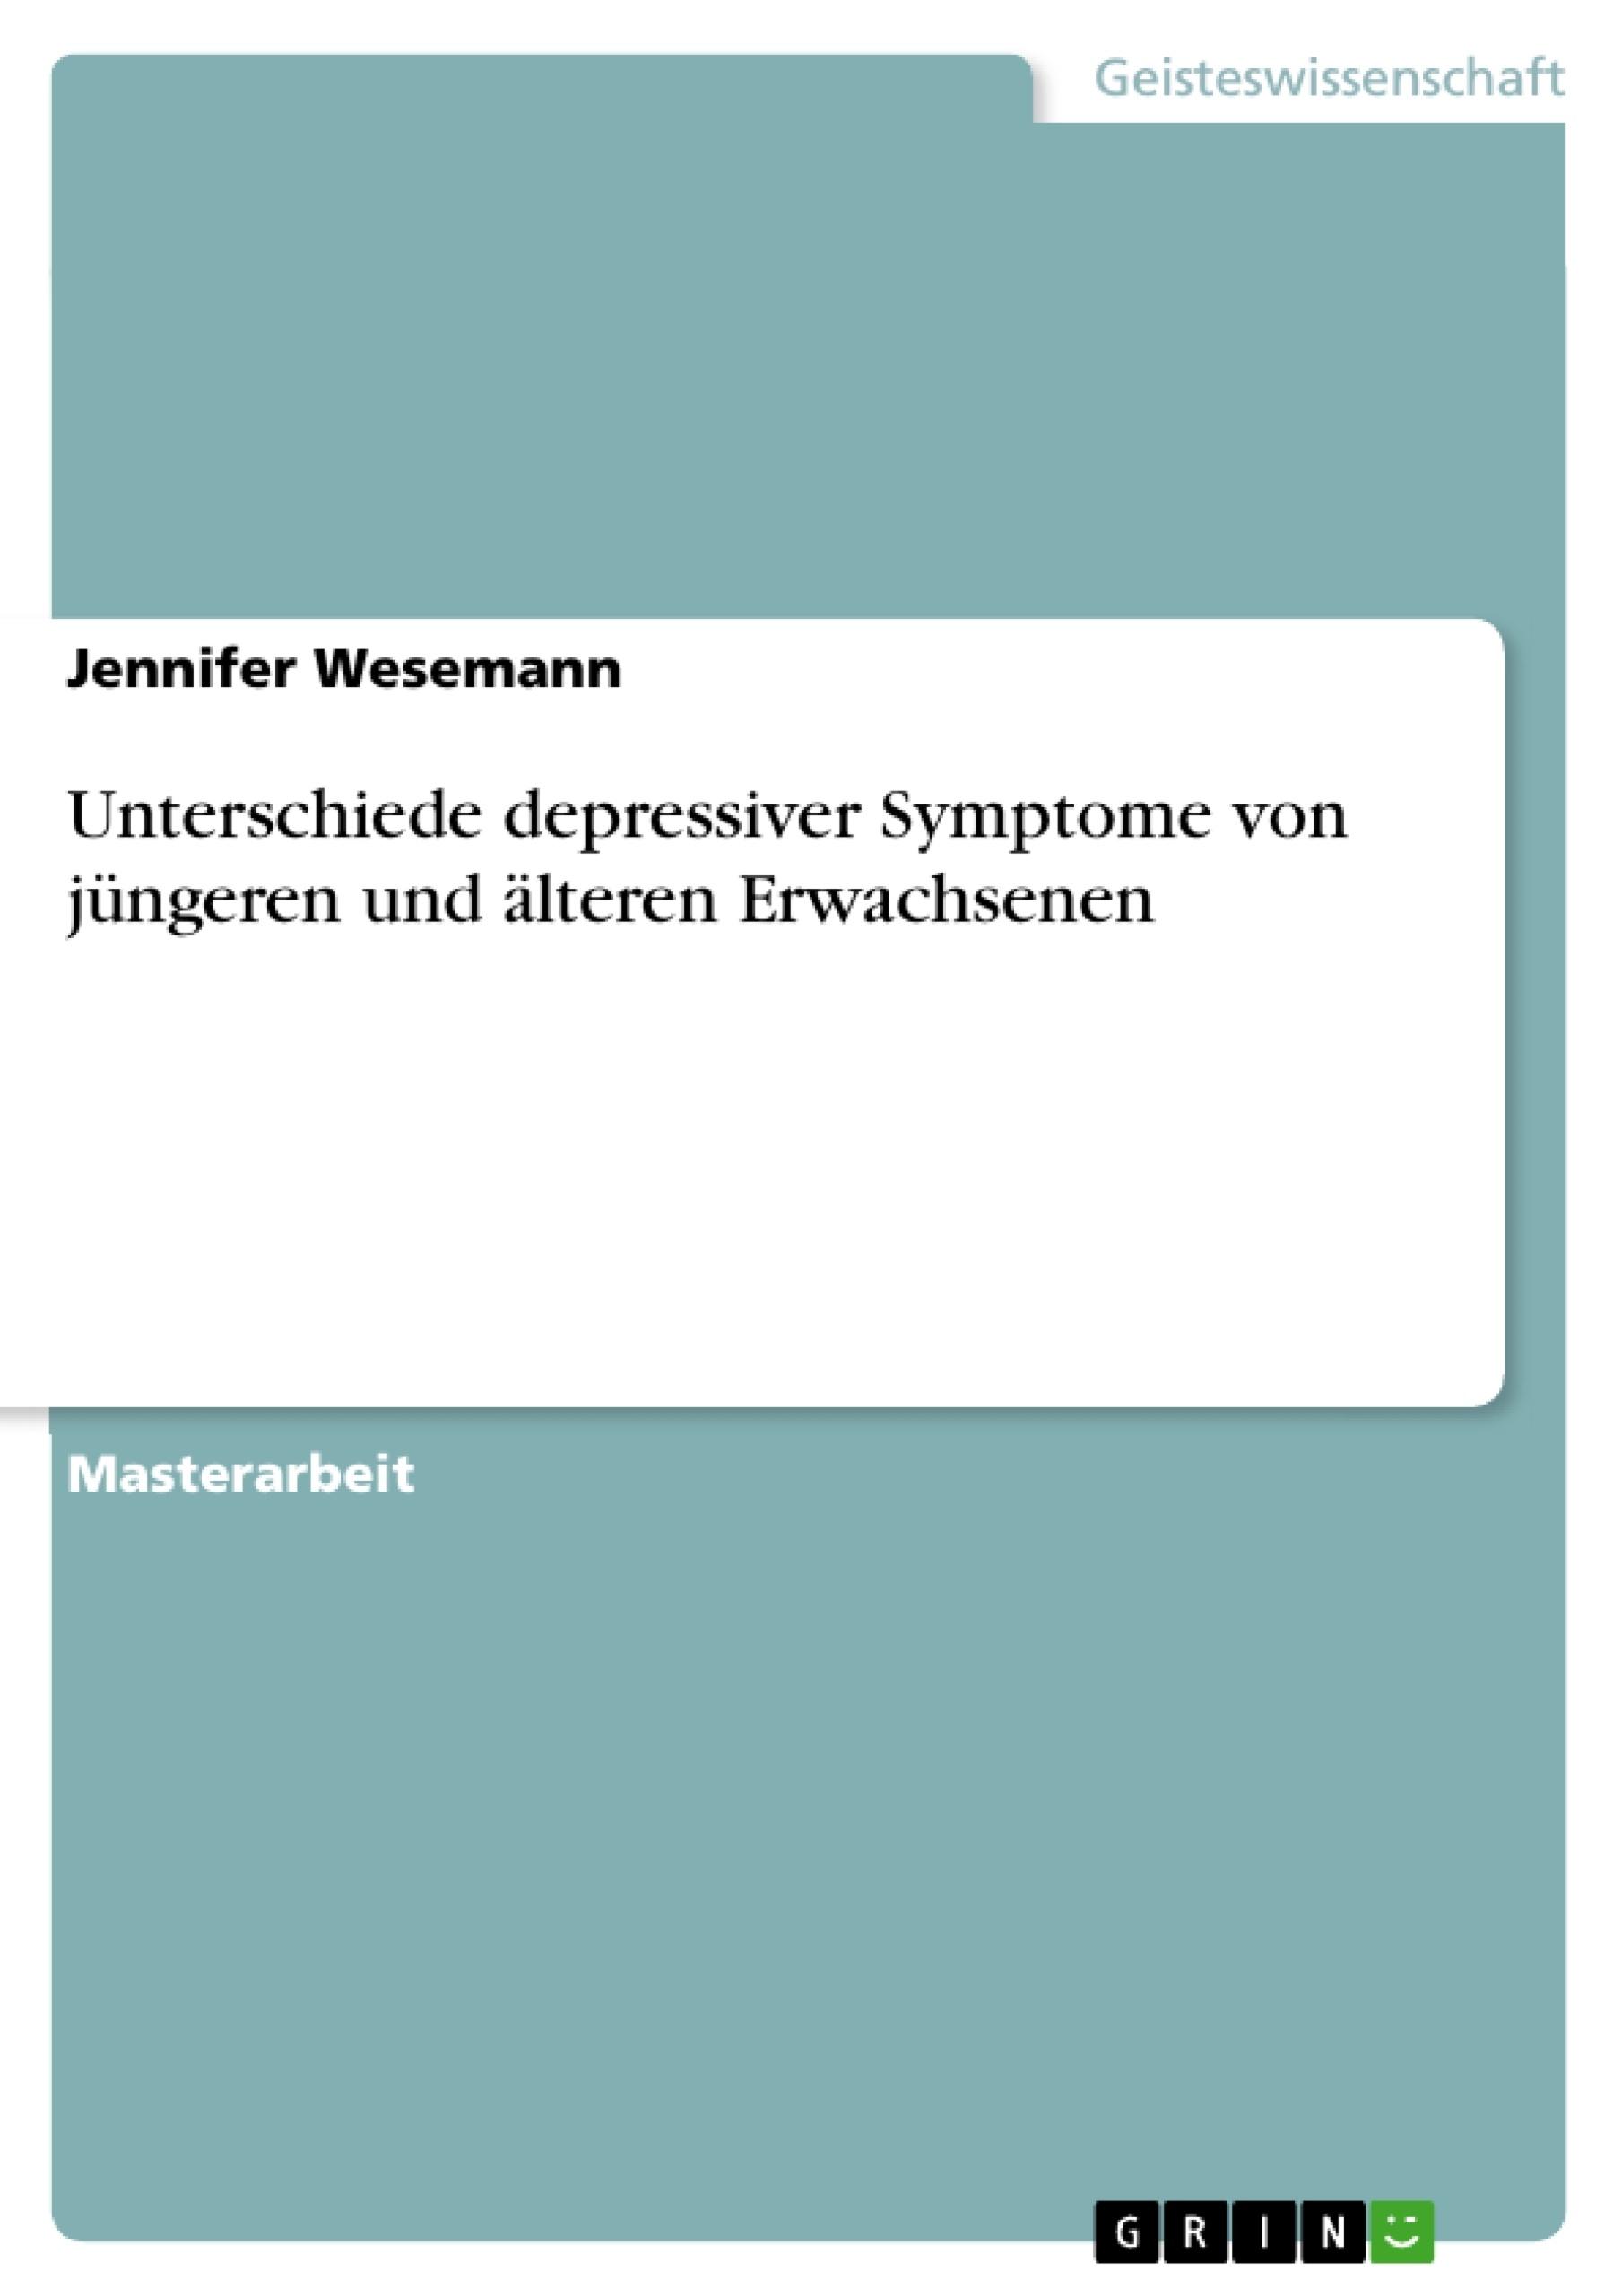 Titel: Unterschiede depressiver Symptome von jüngeren und älteren Erwachsenen